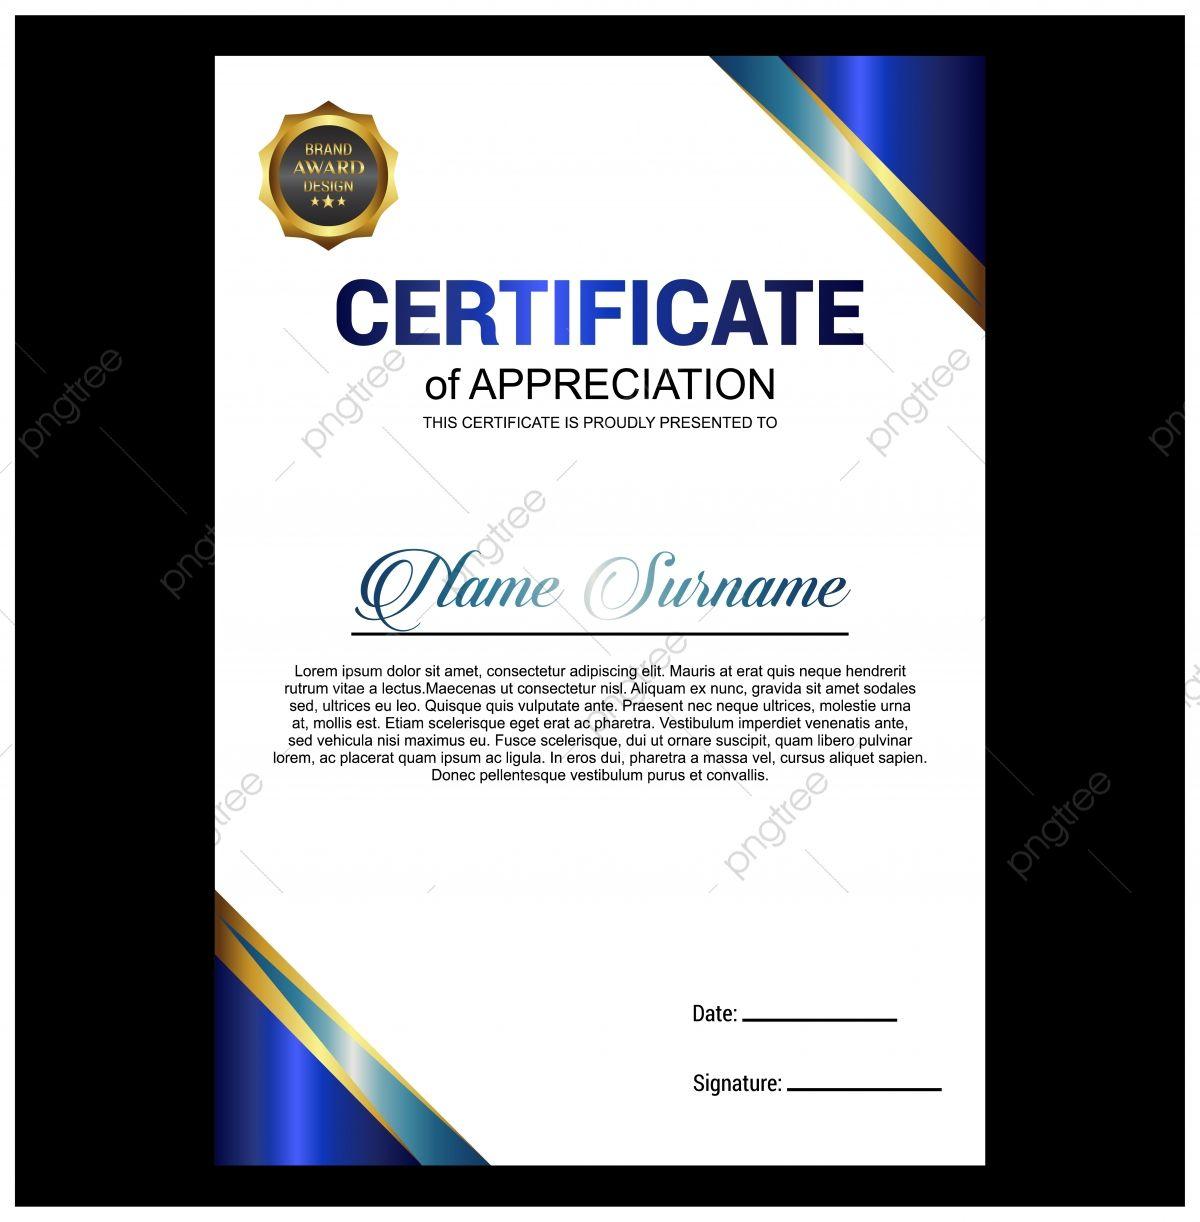 قالب شهادة تقدير إبداعية باللون الأزرق شهادة قالب التقدير Png والمتجهات للتحميل مجانا In 2021 Award Template Certificate Of Appreciation Certificate Templates Film festival award certificate template